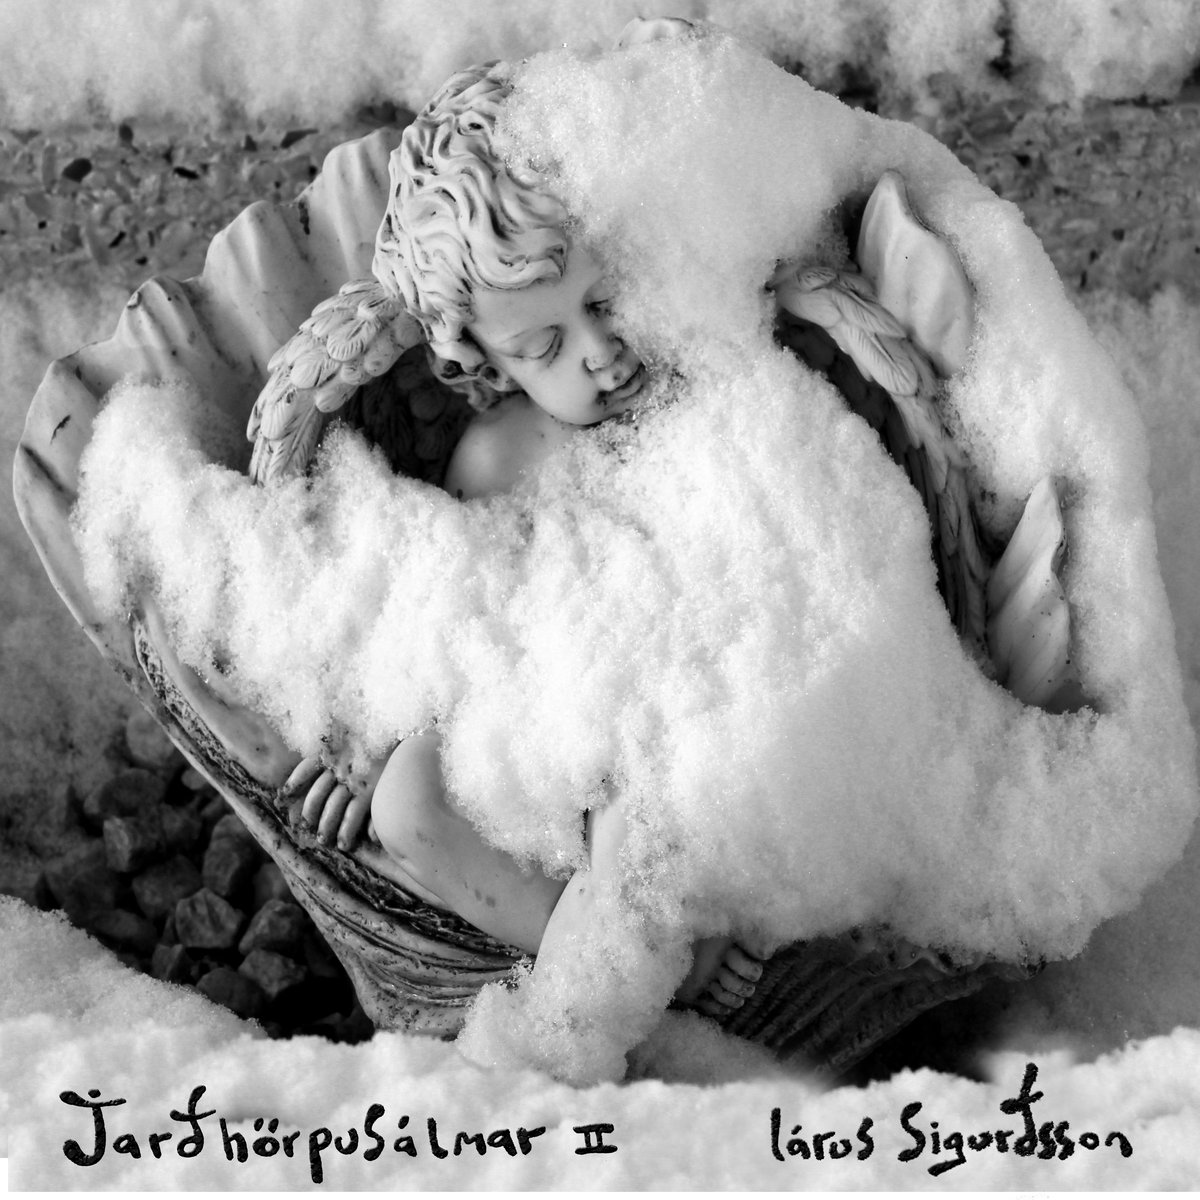 Jarðhörpusálmar II